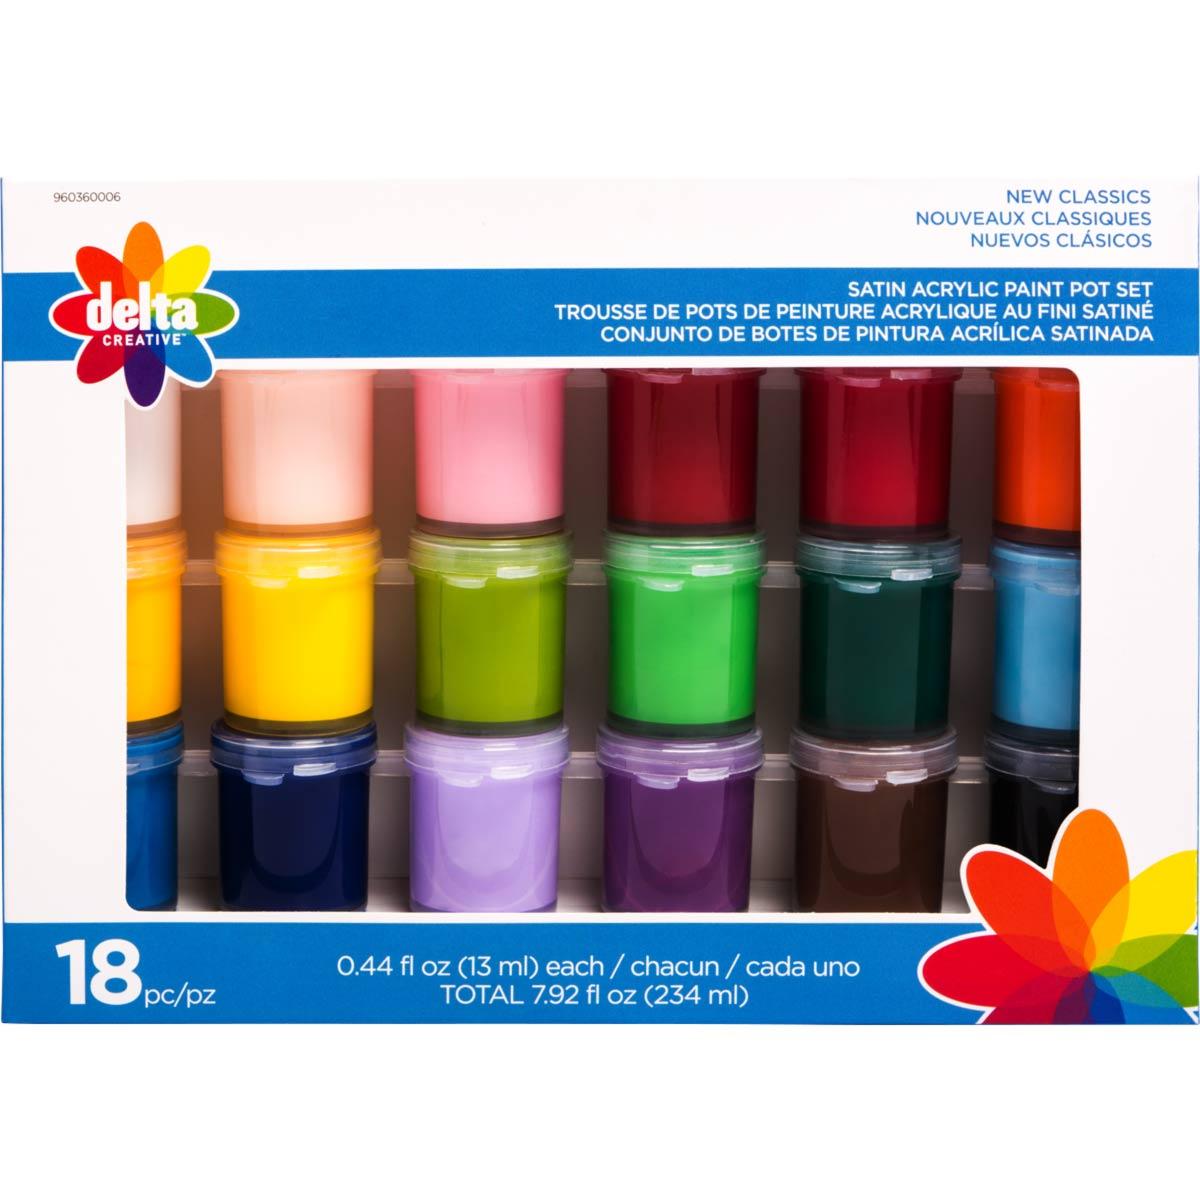 Delta Ceramcoat ® Paint Sets - New Classics, 18 Colors - 960360006